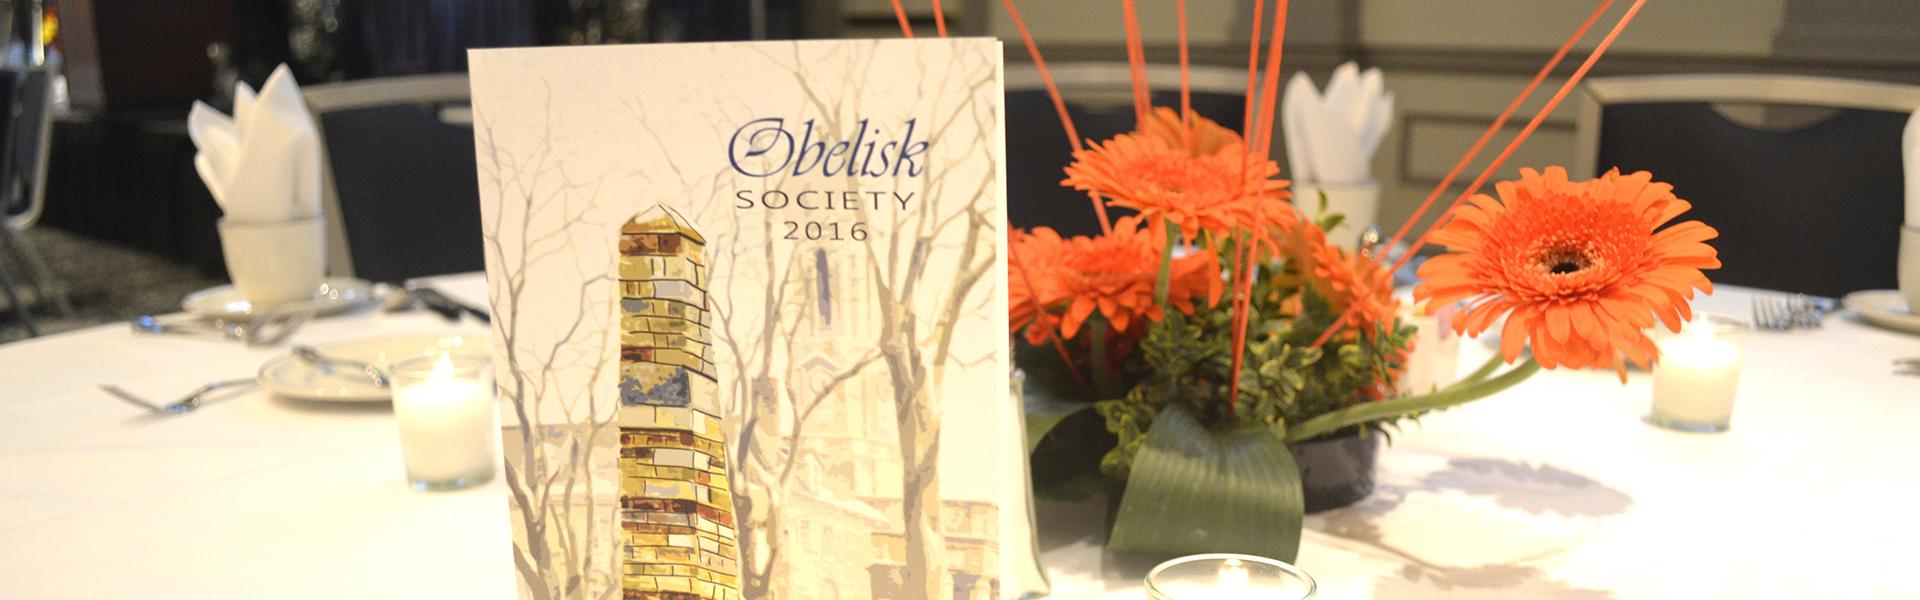 Obelisk Society Dinner